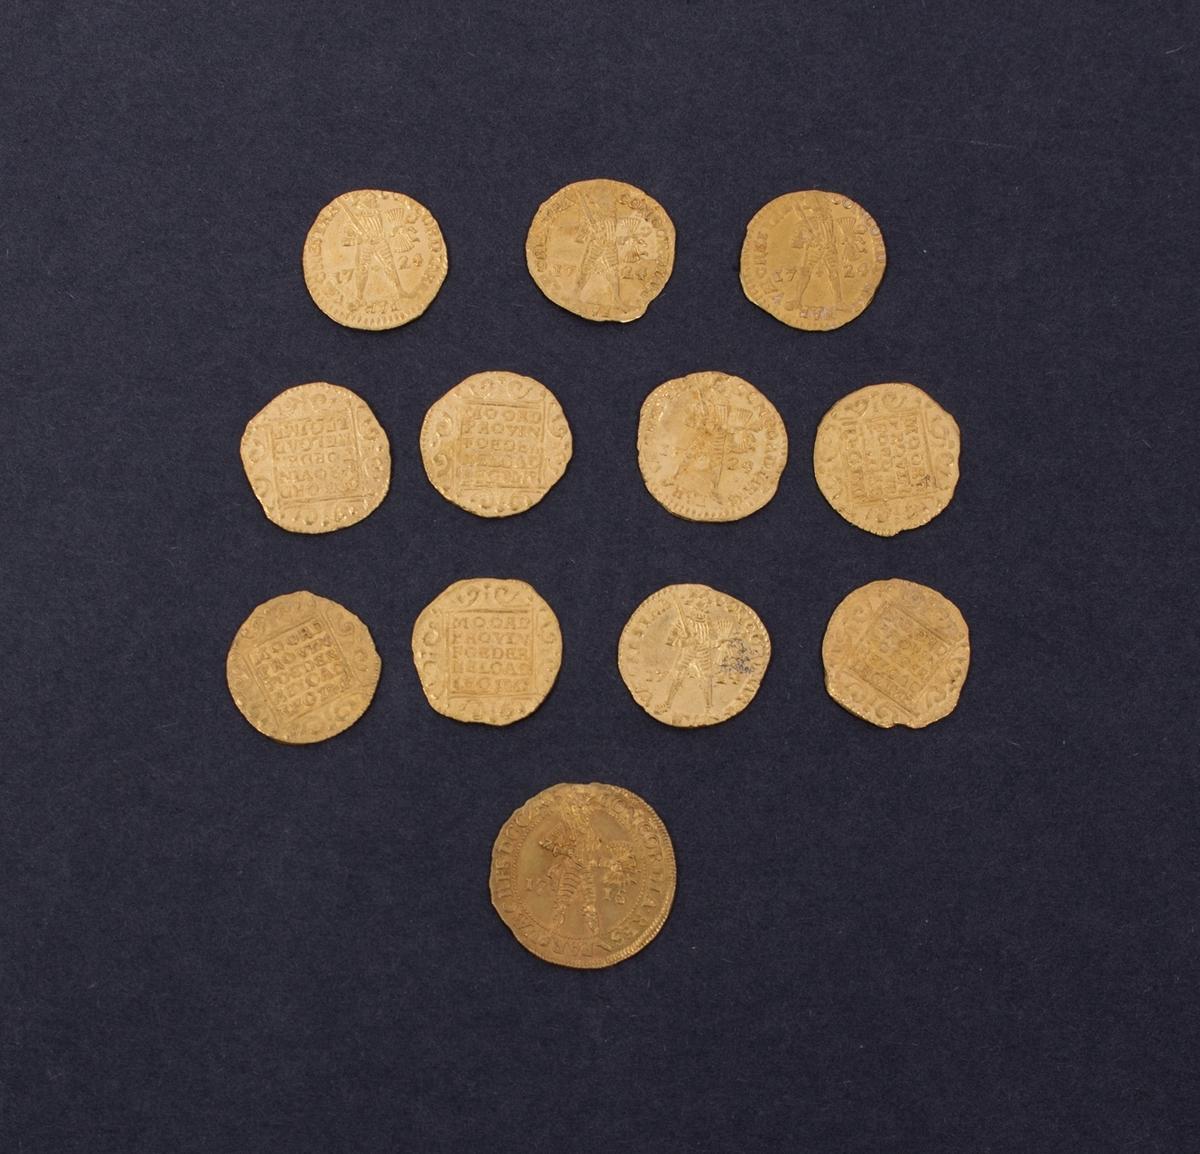 Rundefunnet, stort antall gull- og sølvmynter fra nederlandske ostindiafareren AKERENDAM som forliste på jomfruturen 8. mars 1725 utenfor Ålesund på Sunnmøre. 1 stykk 2 dukat i gull stemplet Utrecht 1715 11 stykker 1 dukat i gull stemplet Utrecht 1724 13 stykker dukatoner i sølv 2 stykker realer i sølv Samt diverse fragmenter i sølv